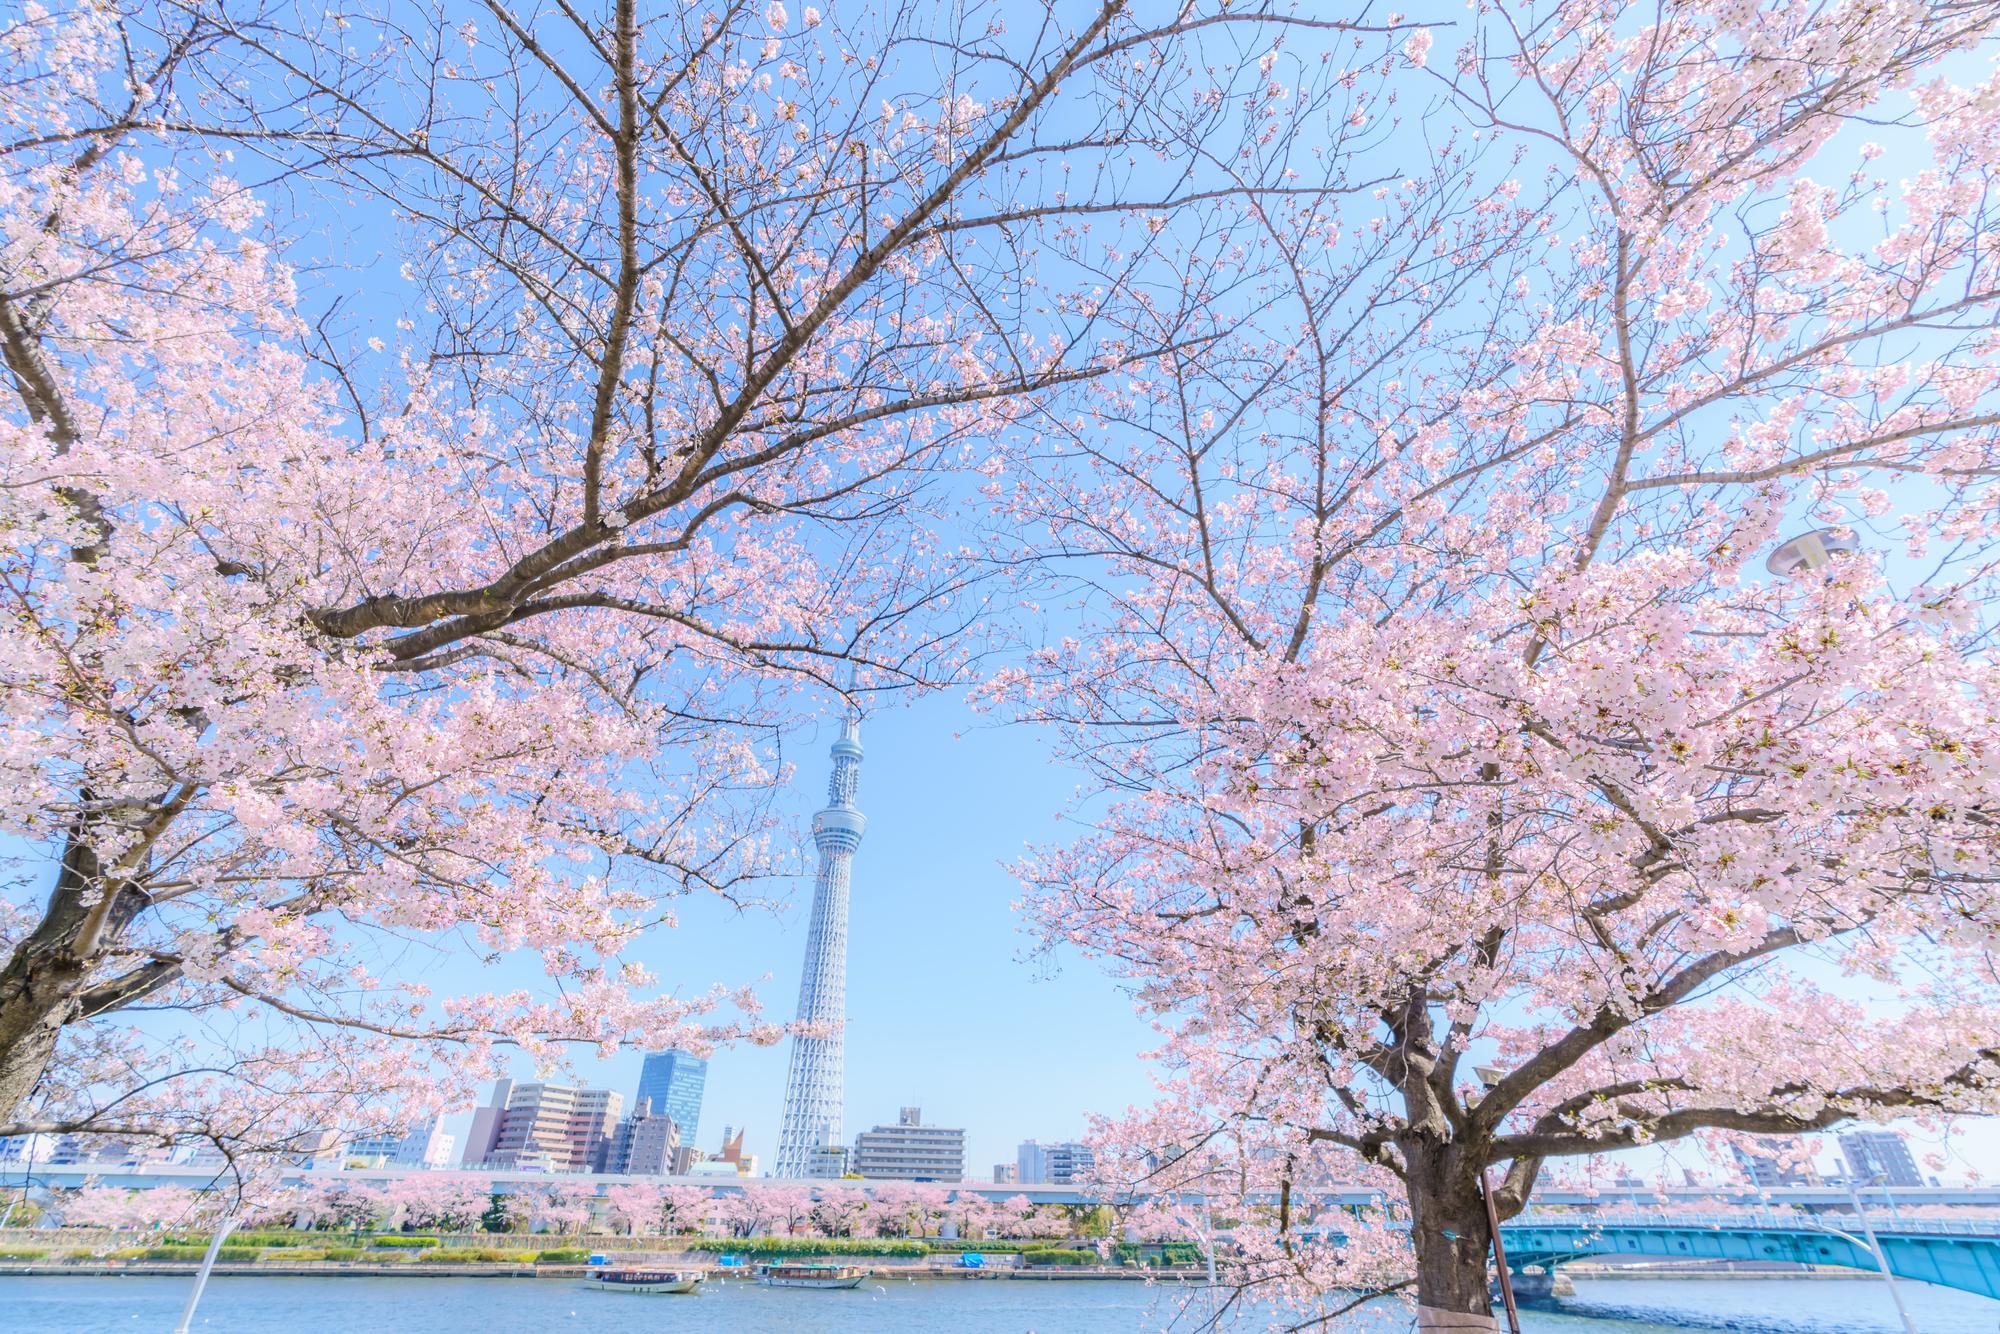 桜と背景にある隅田川とスカイツリー